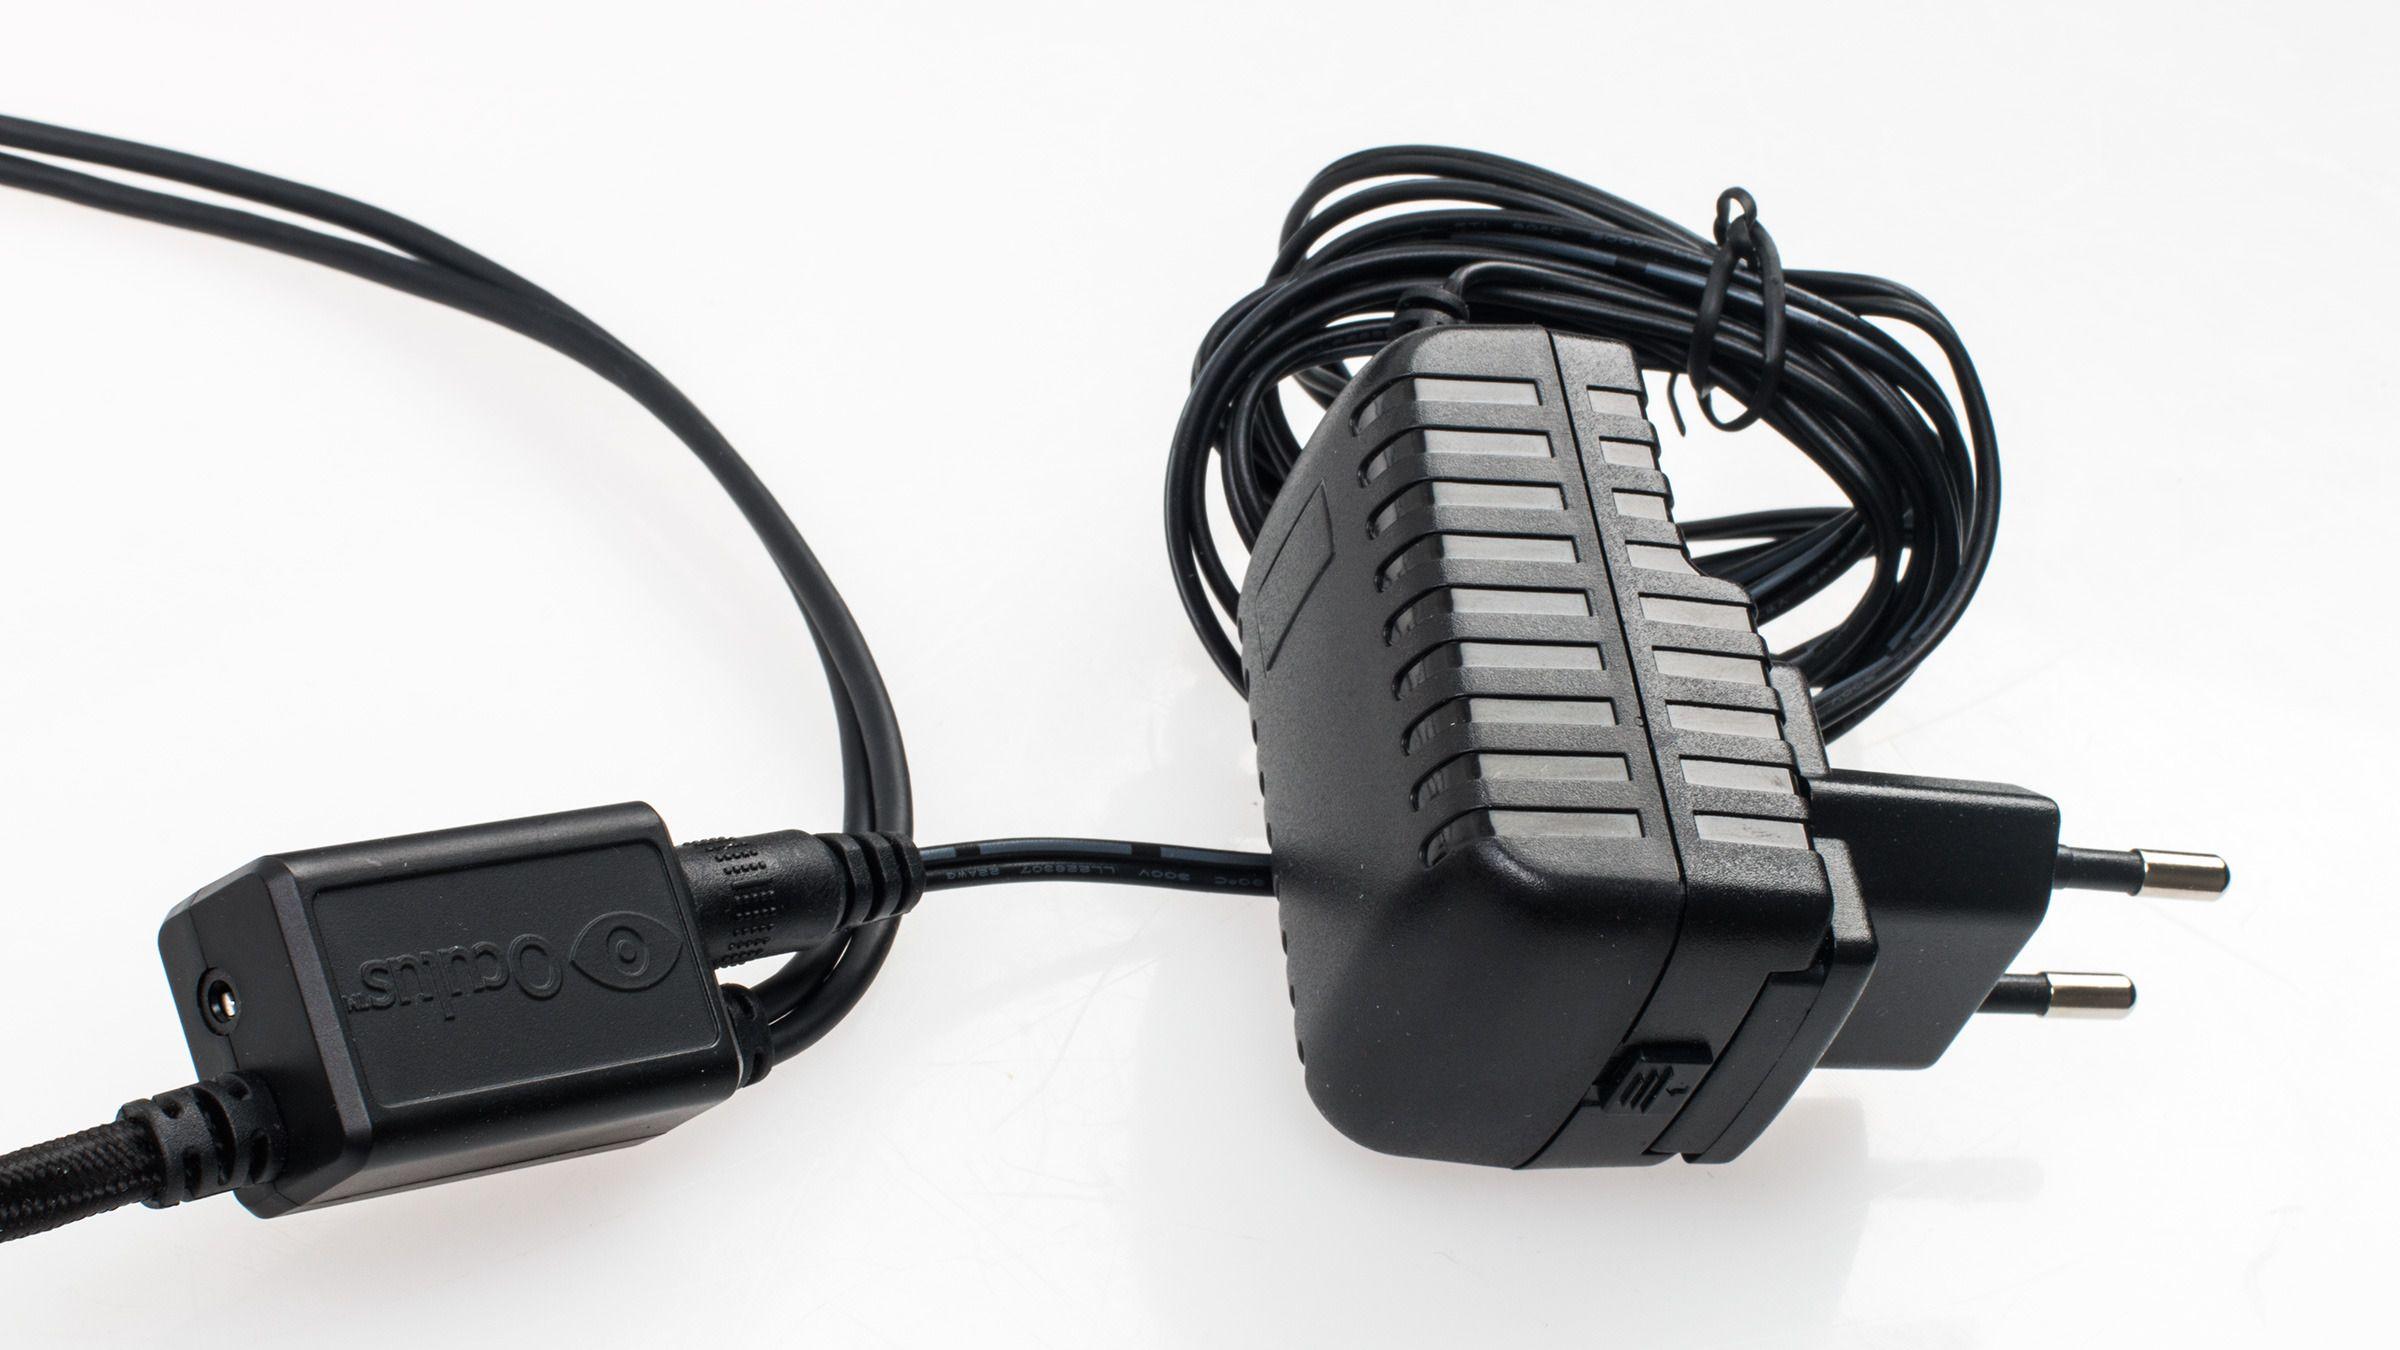 Om du må bytte ut kabelen må du nok likevel ha en erstatningskabel fra Oculus selv, på grunn av denne lille knotten – her kobles nemlig strømmen til. Her er det også en liten jack-kontakt, som tilsvarer den vi så på webkameraet som følger med. Det er altså denne lille saken som overtar for den klumpete kontrollboksen på forrige modell.Foto: Varg Aamo, Tek.no